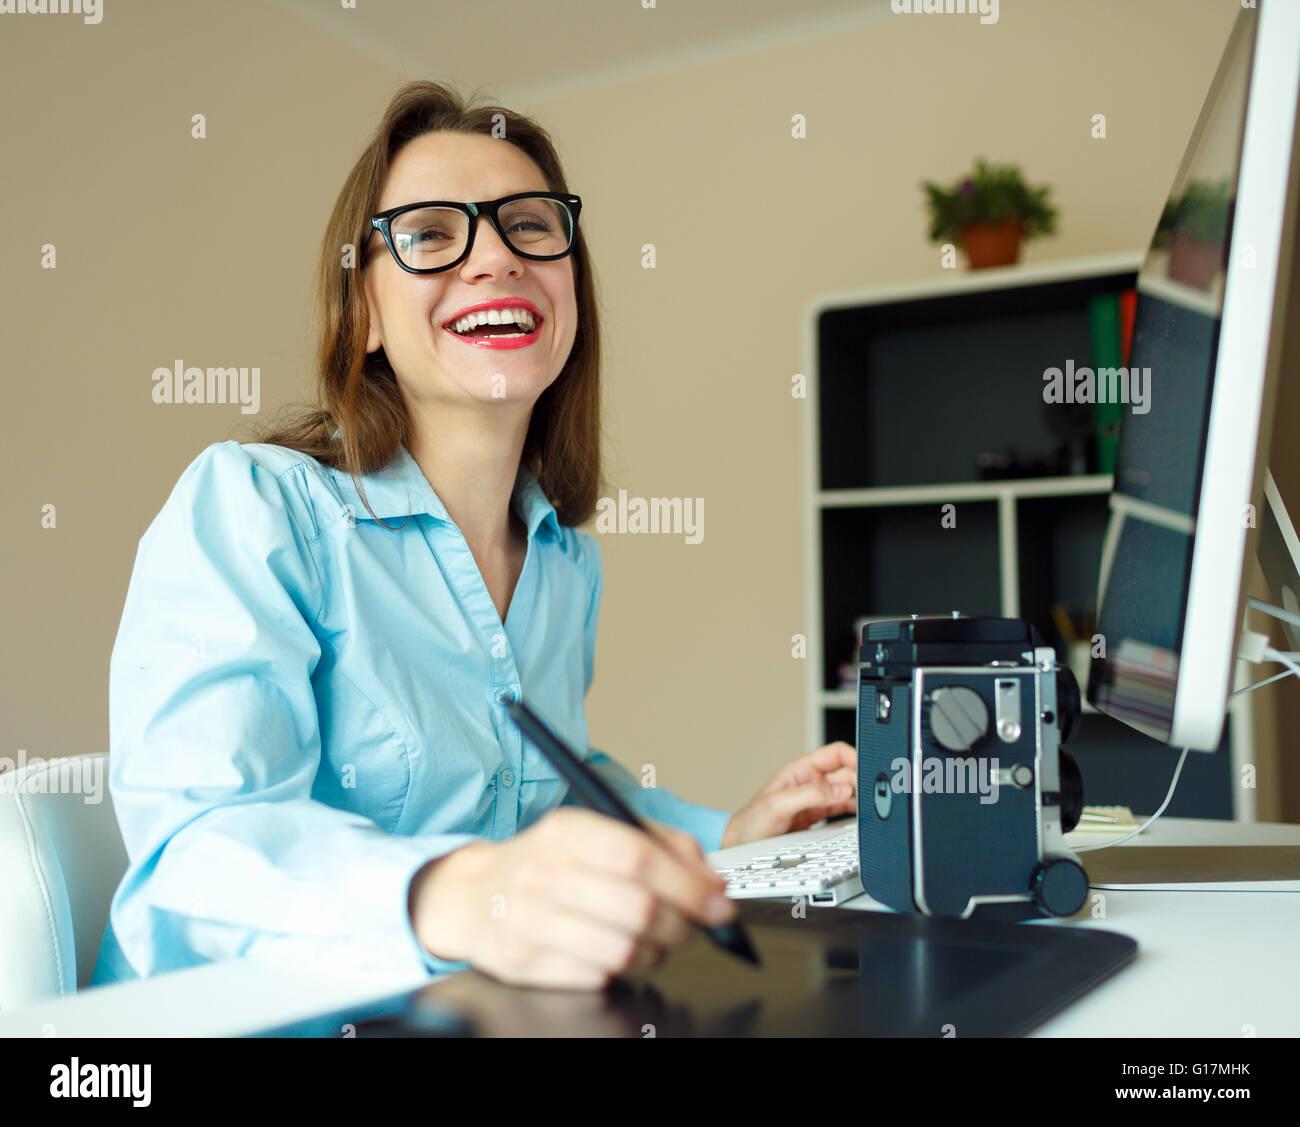 Jeune femme dessin artiste quelque chose sur tablette graphique au home office Photo Stock